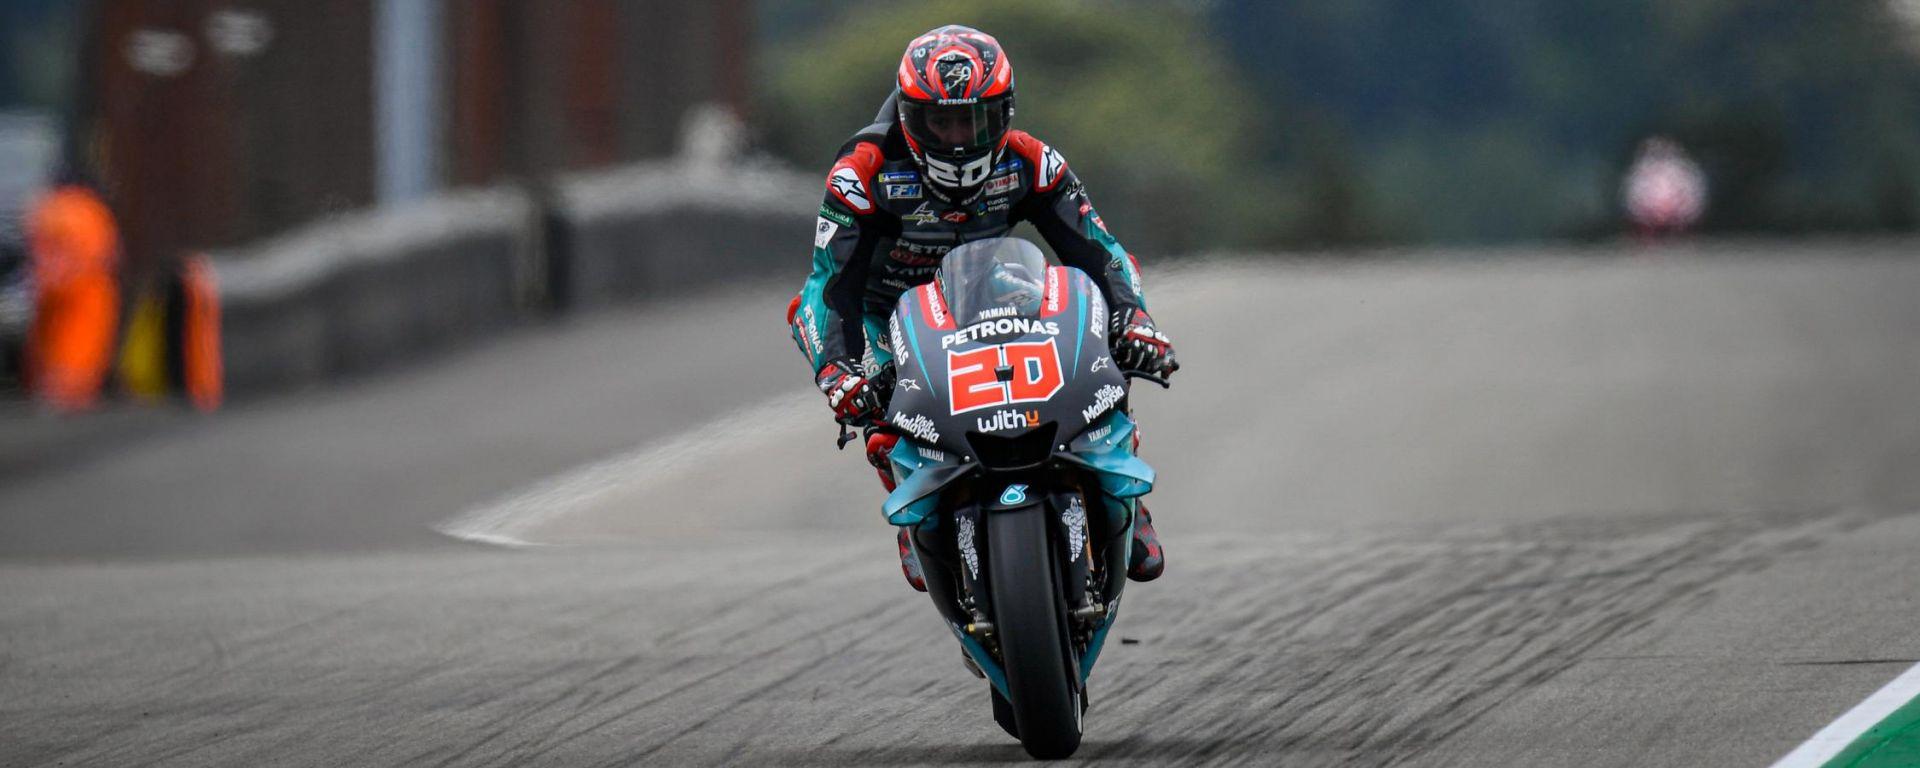 GP Germania 2019, Fabio Quartararo (Yamaha Petronas)